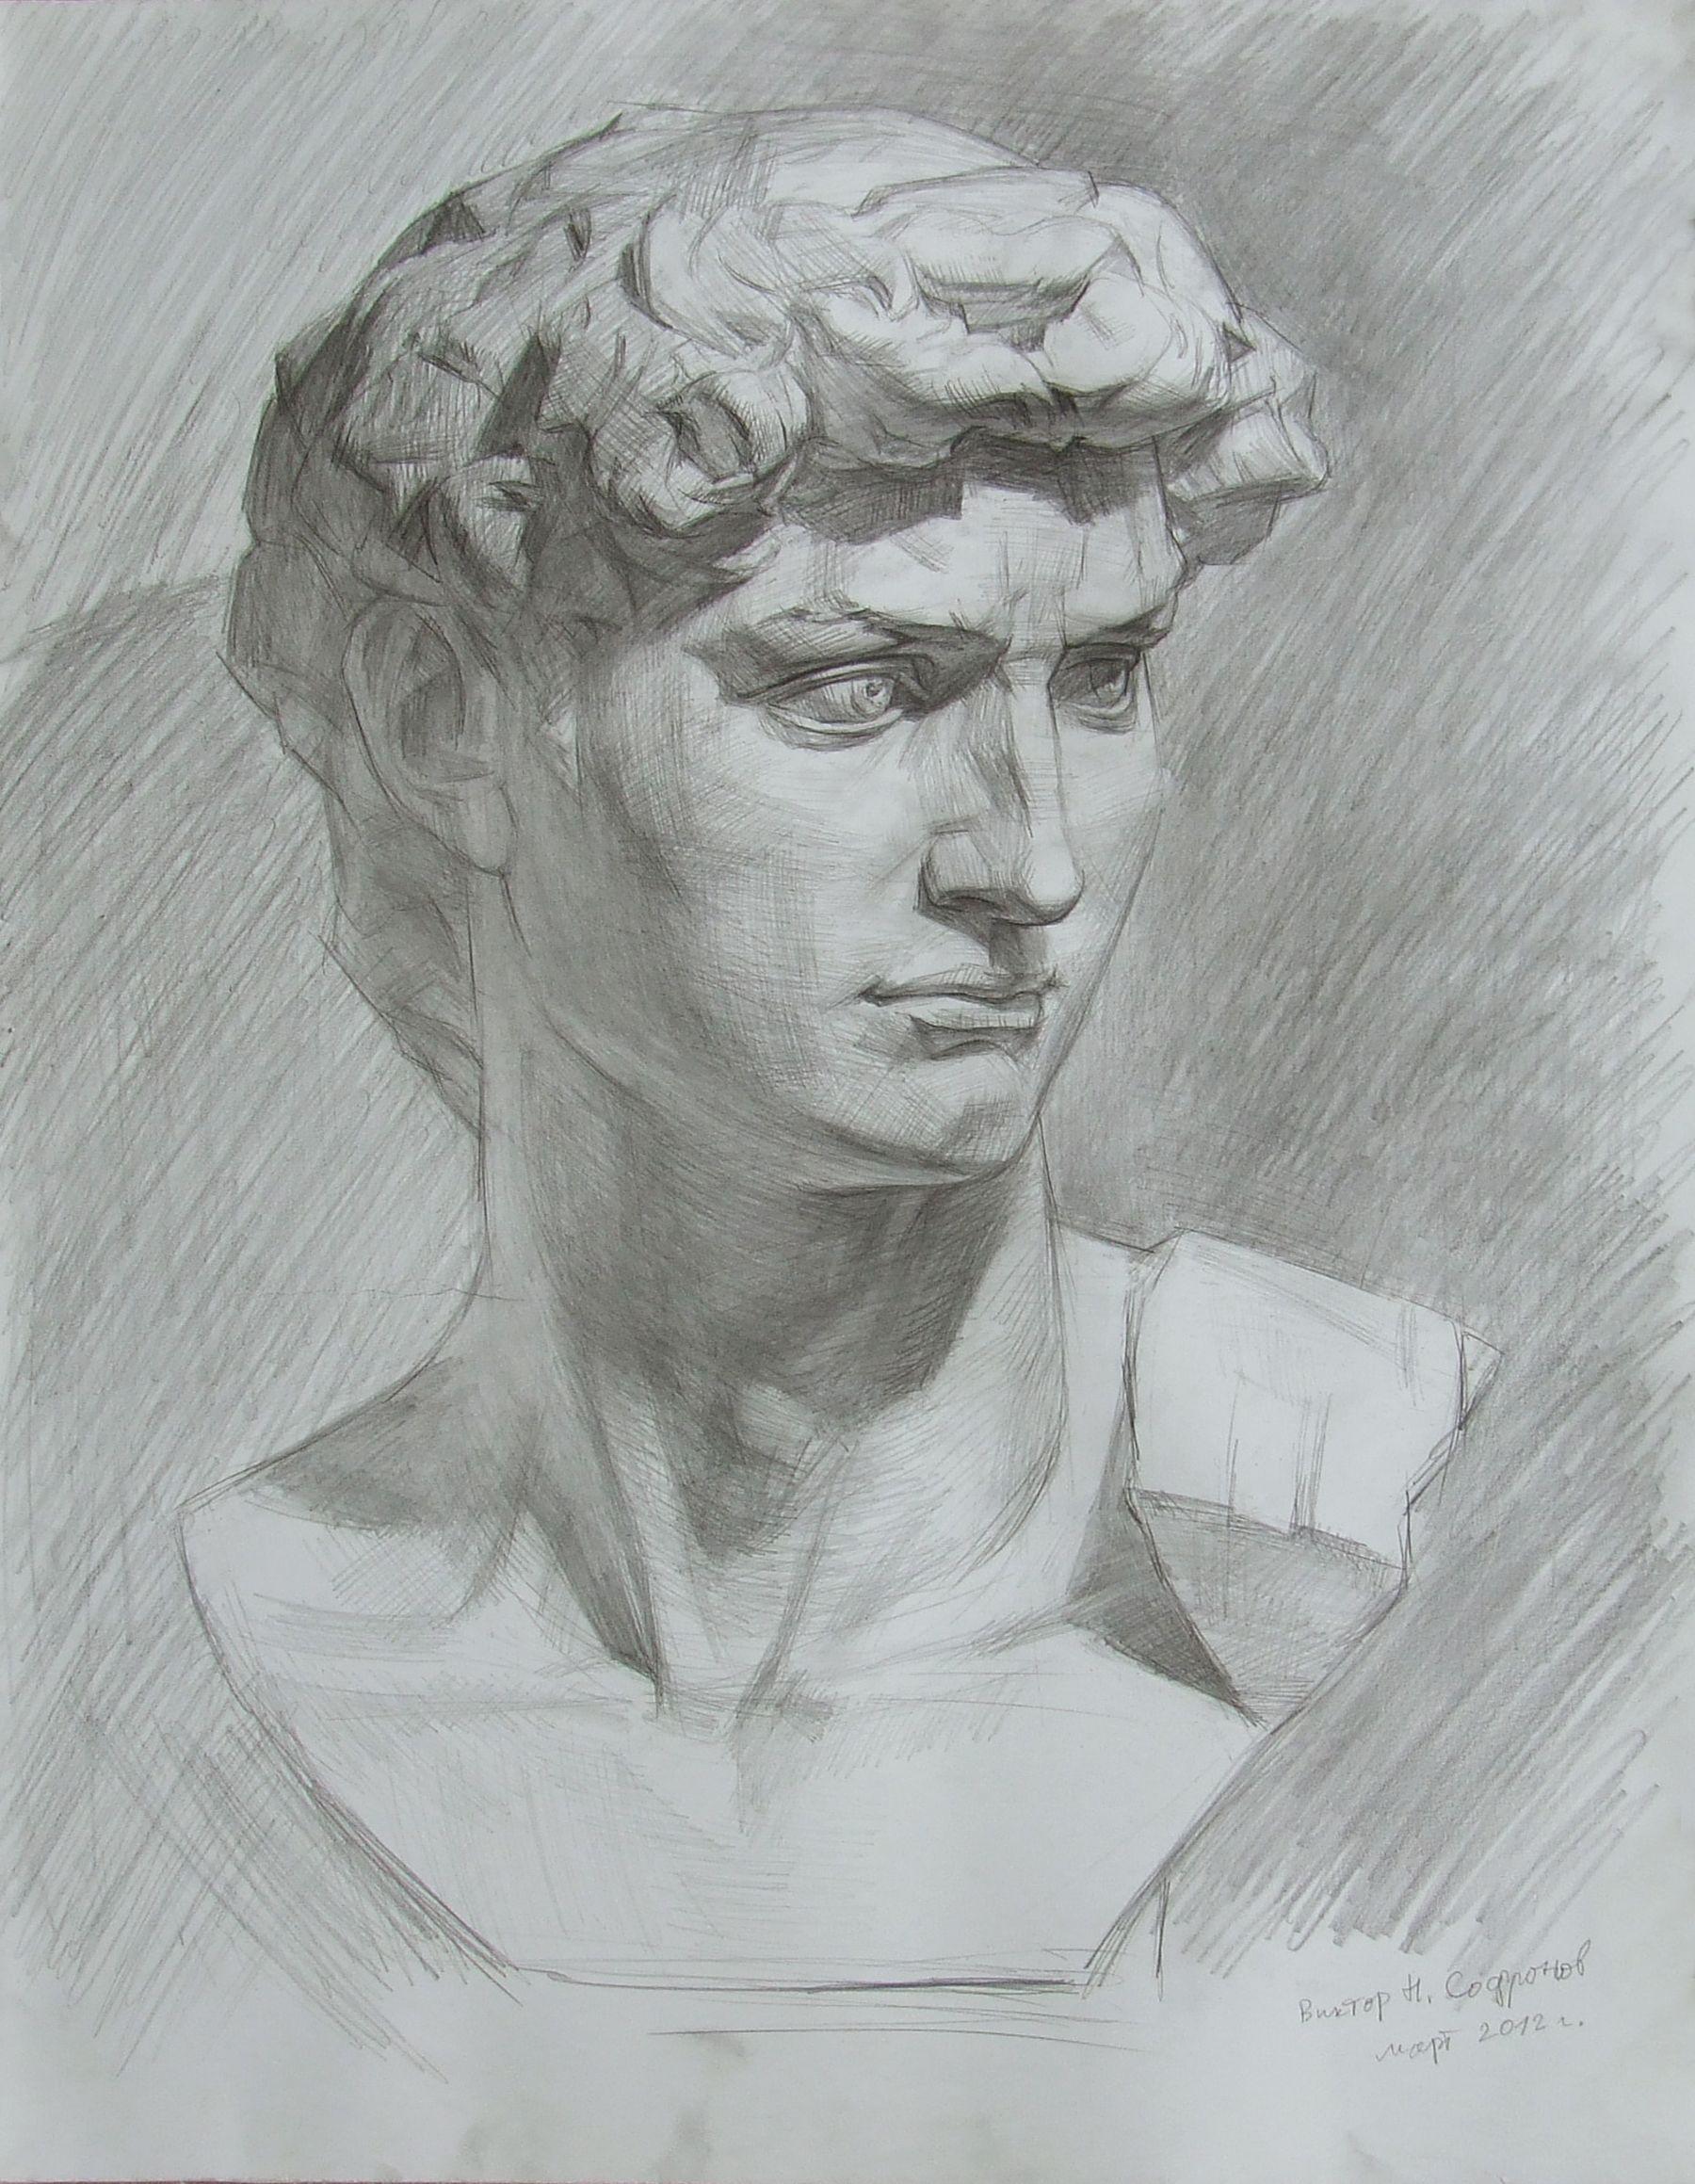 картинки головы скульптуры голосину